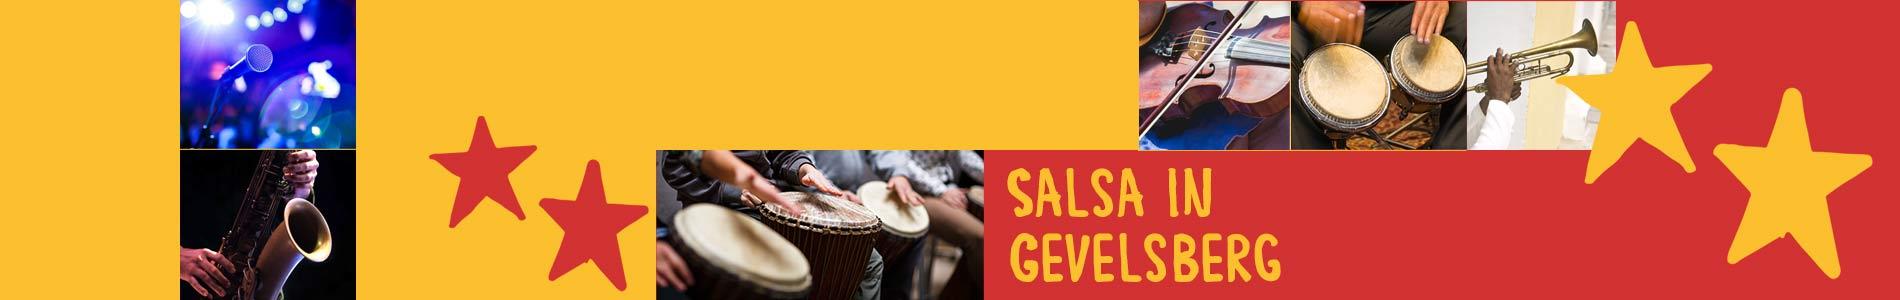 Salsa in Gevelsberg – Salsa lernen und tanzen, Tanzkurse, Partys, Veranstaltungen